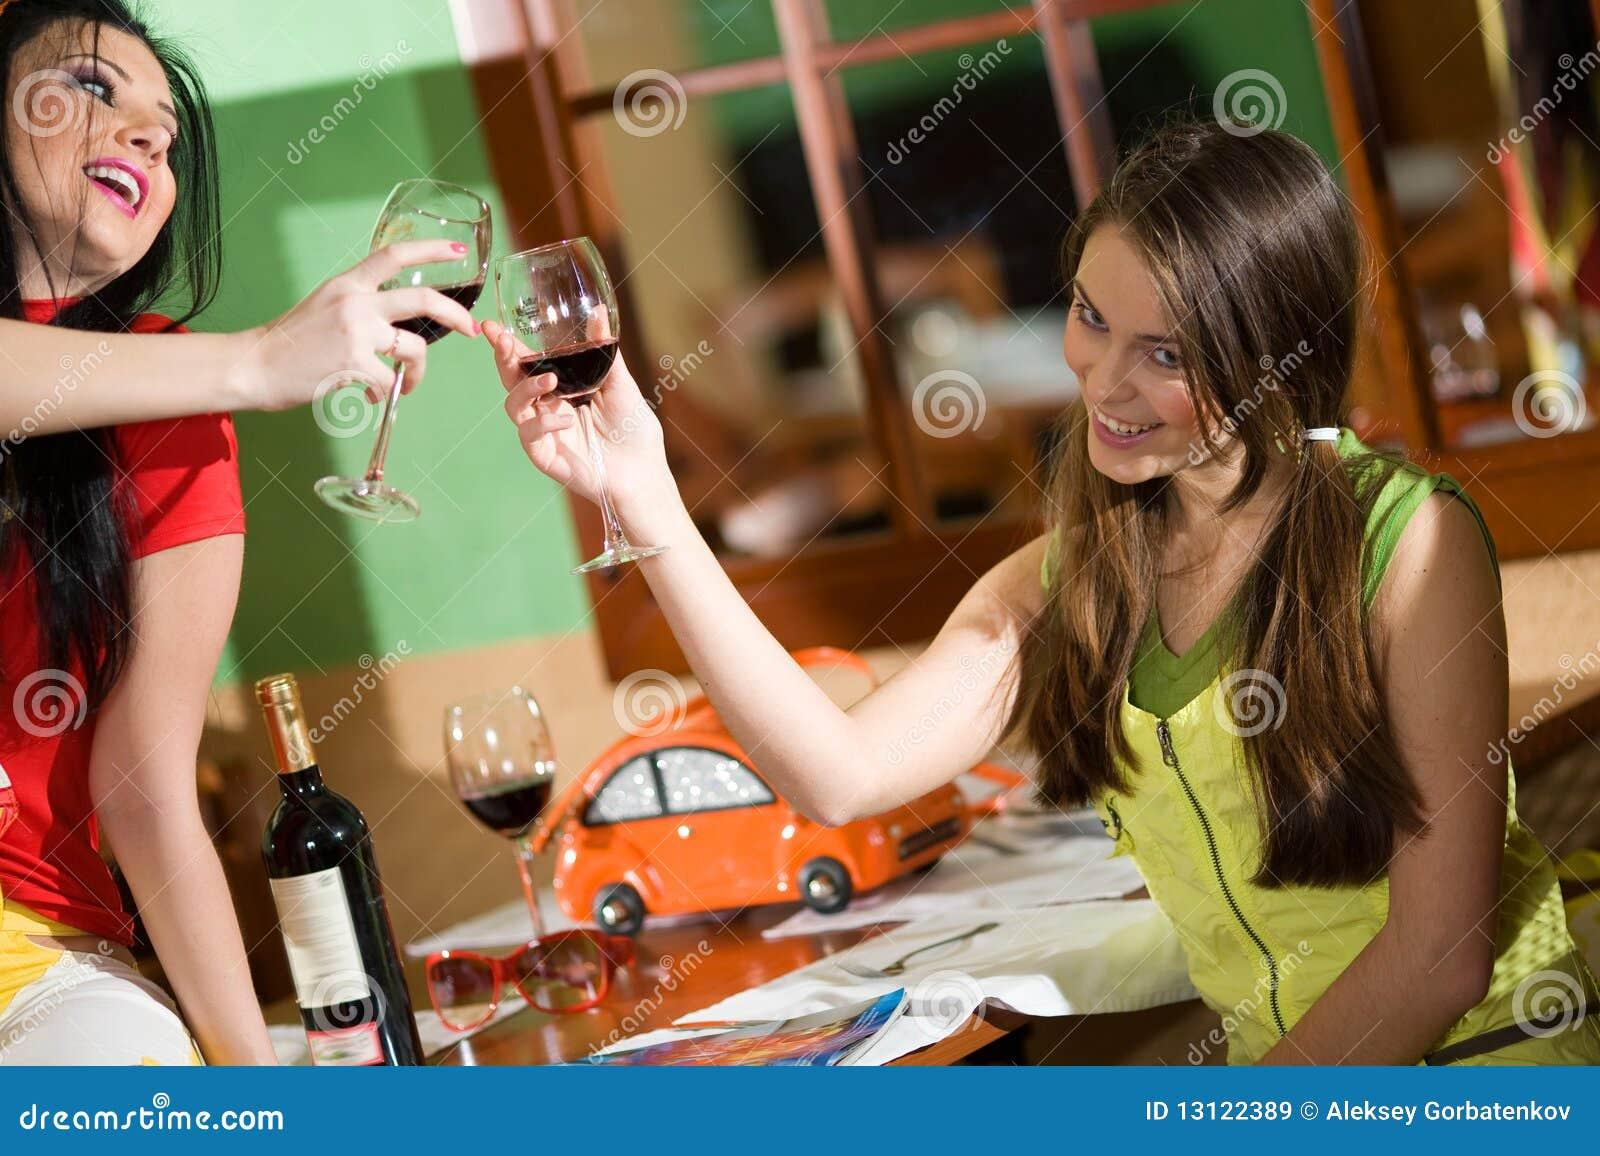 Фото с выпивающими подругами 11 фотография